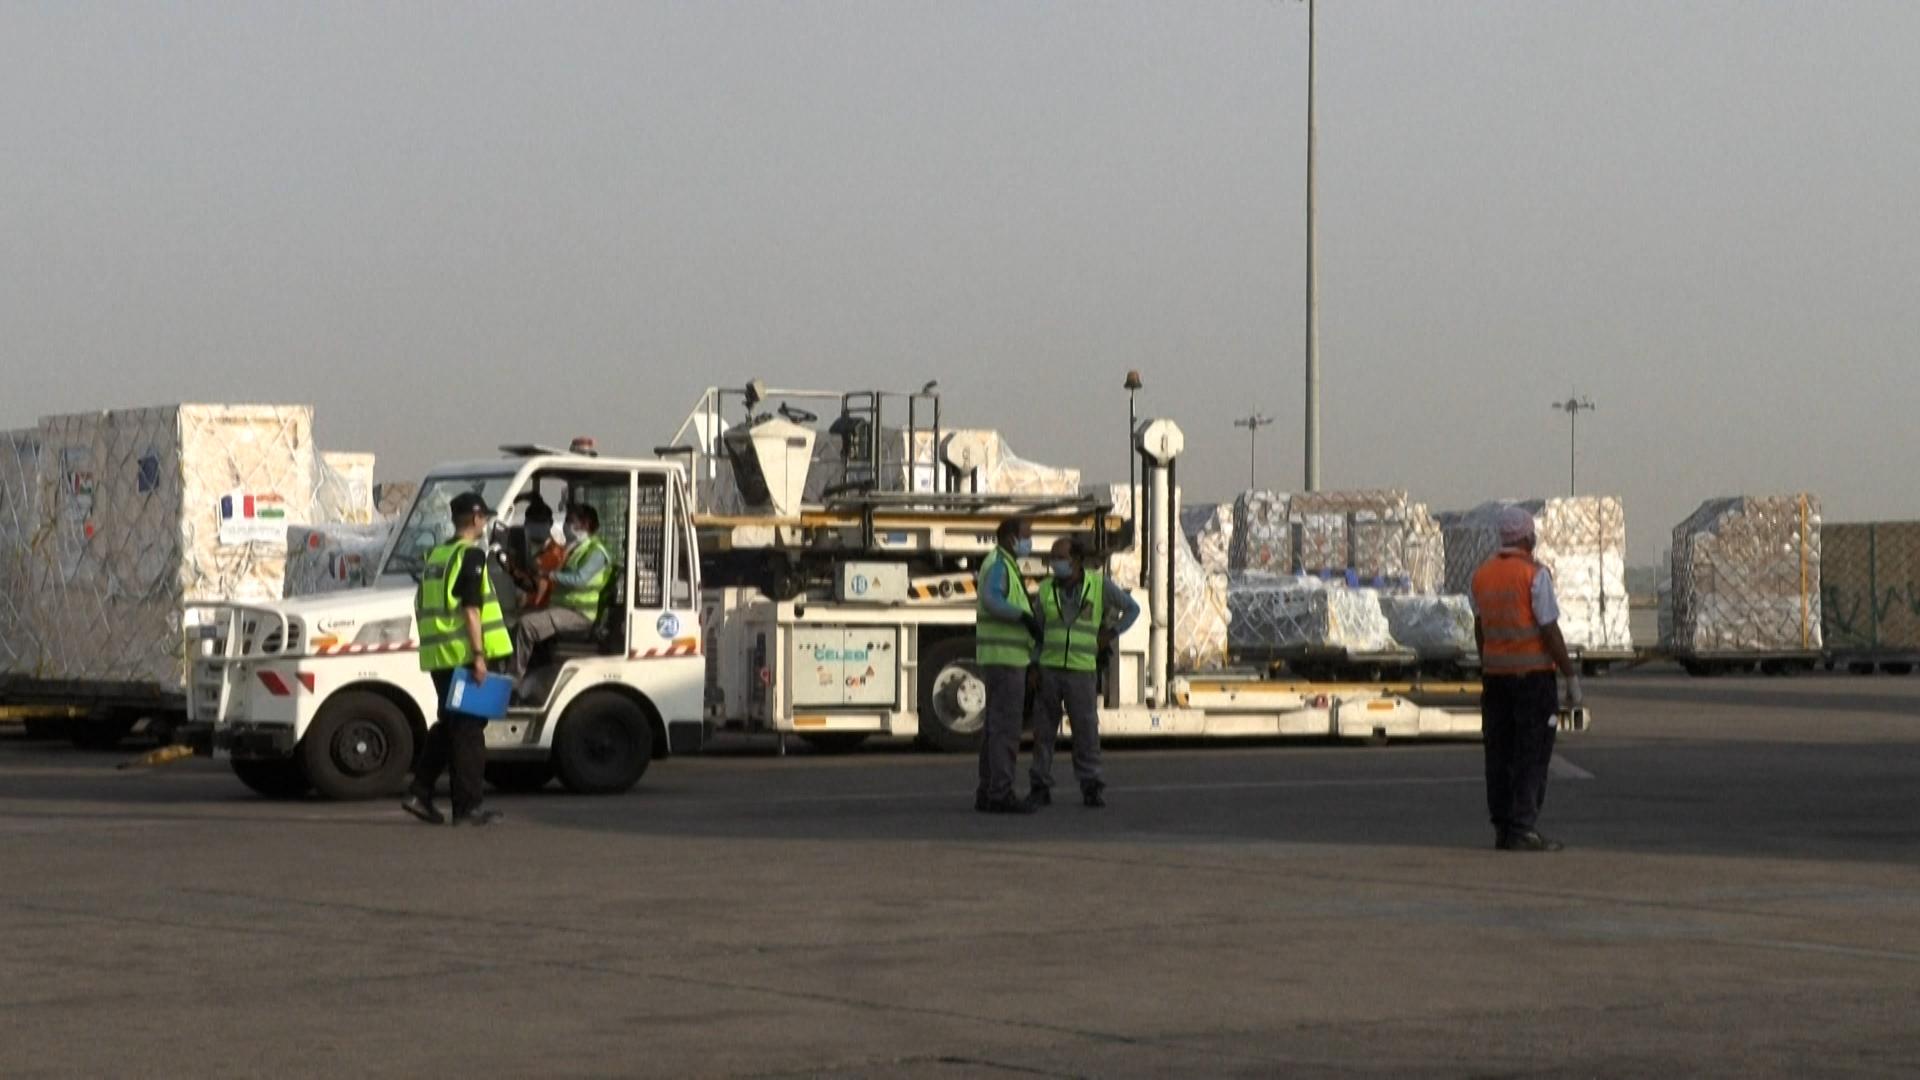 VIDÉO. La France envoie des générateurs d'oxygène en Inde, en situation sanitaire critique